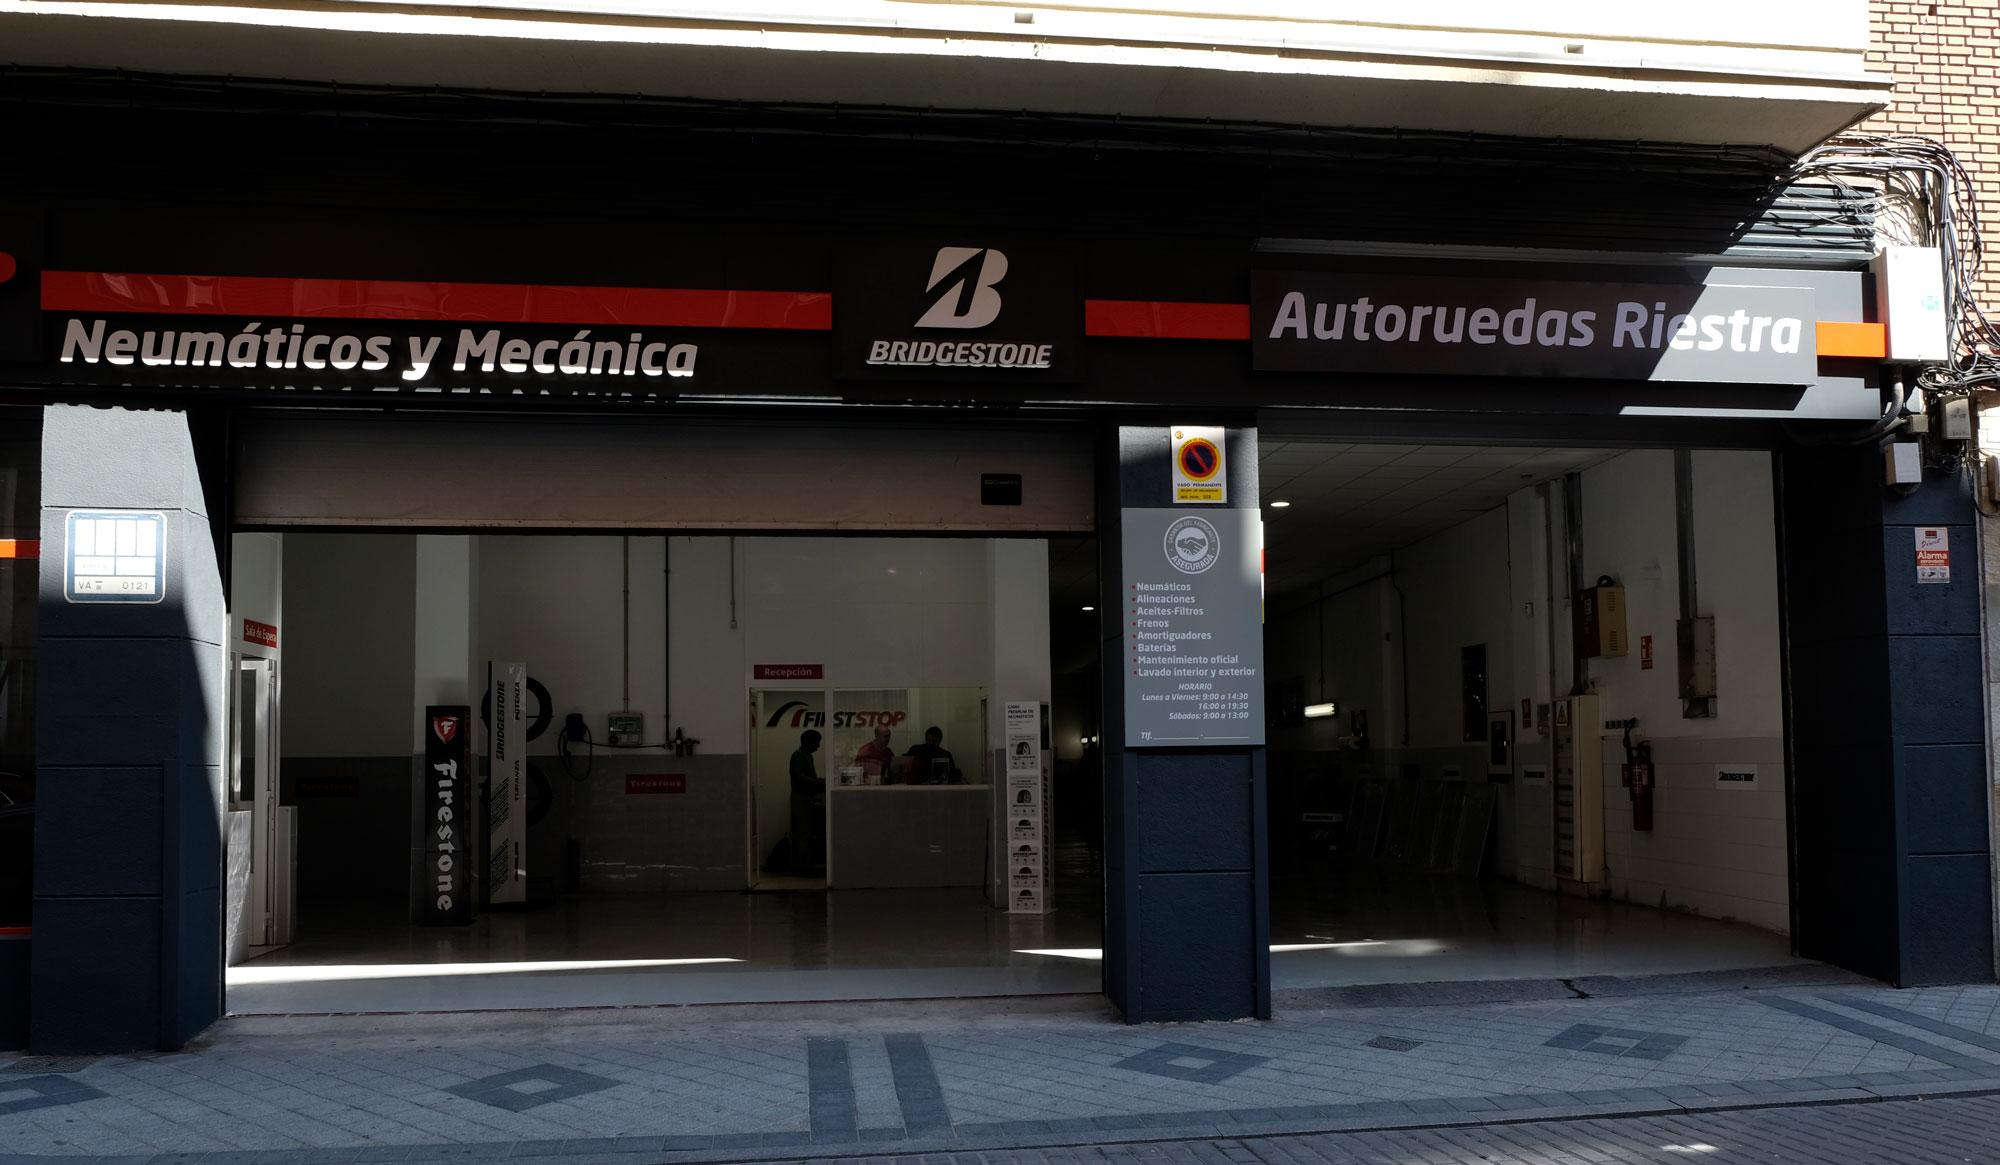 ¡Nueva apertura Auto Ruedas Riestra en Valladolid!